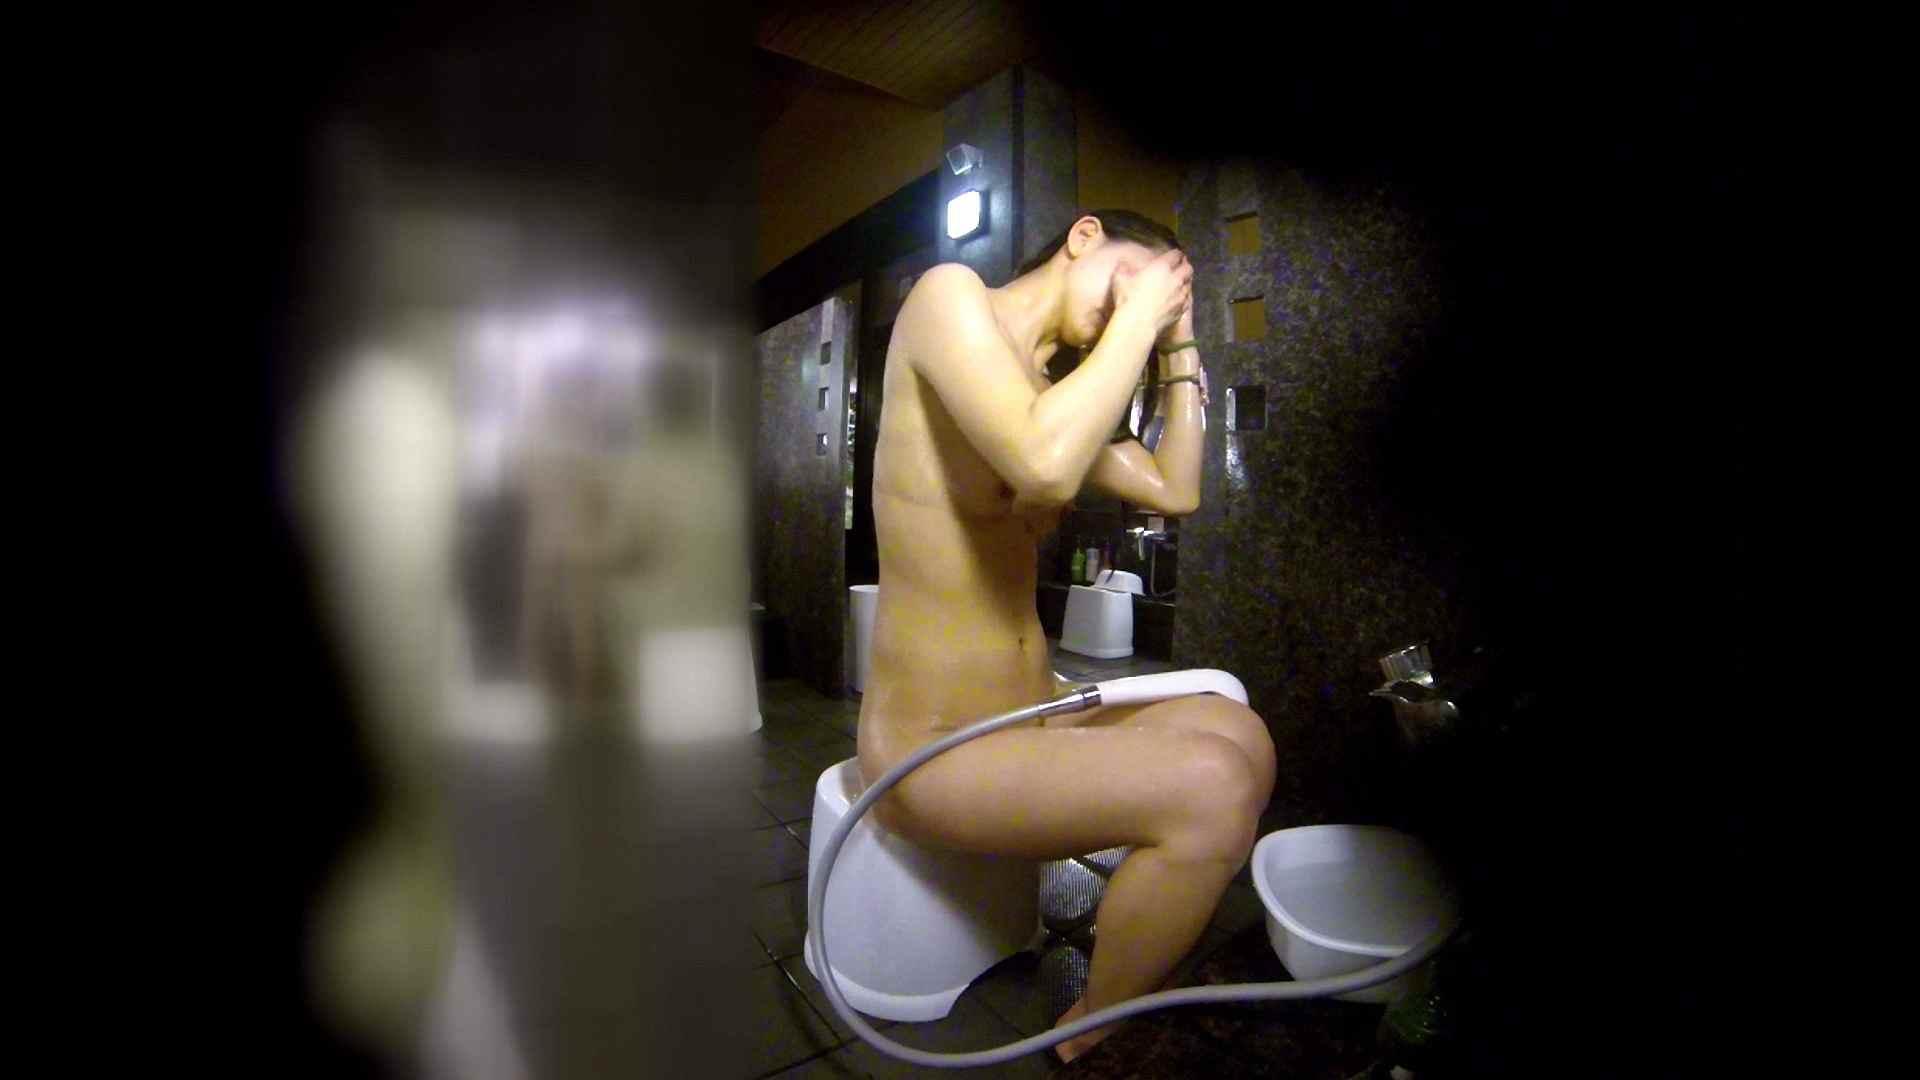 洗い場!綺麗なお女市さんは好きですか? 女湯 セックス画像 104画像 10